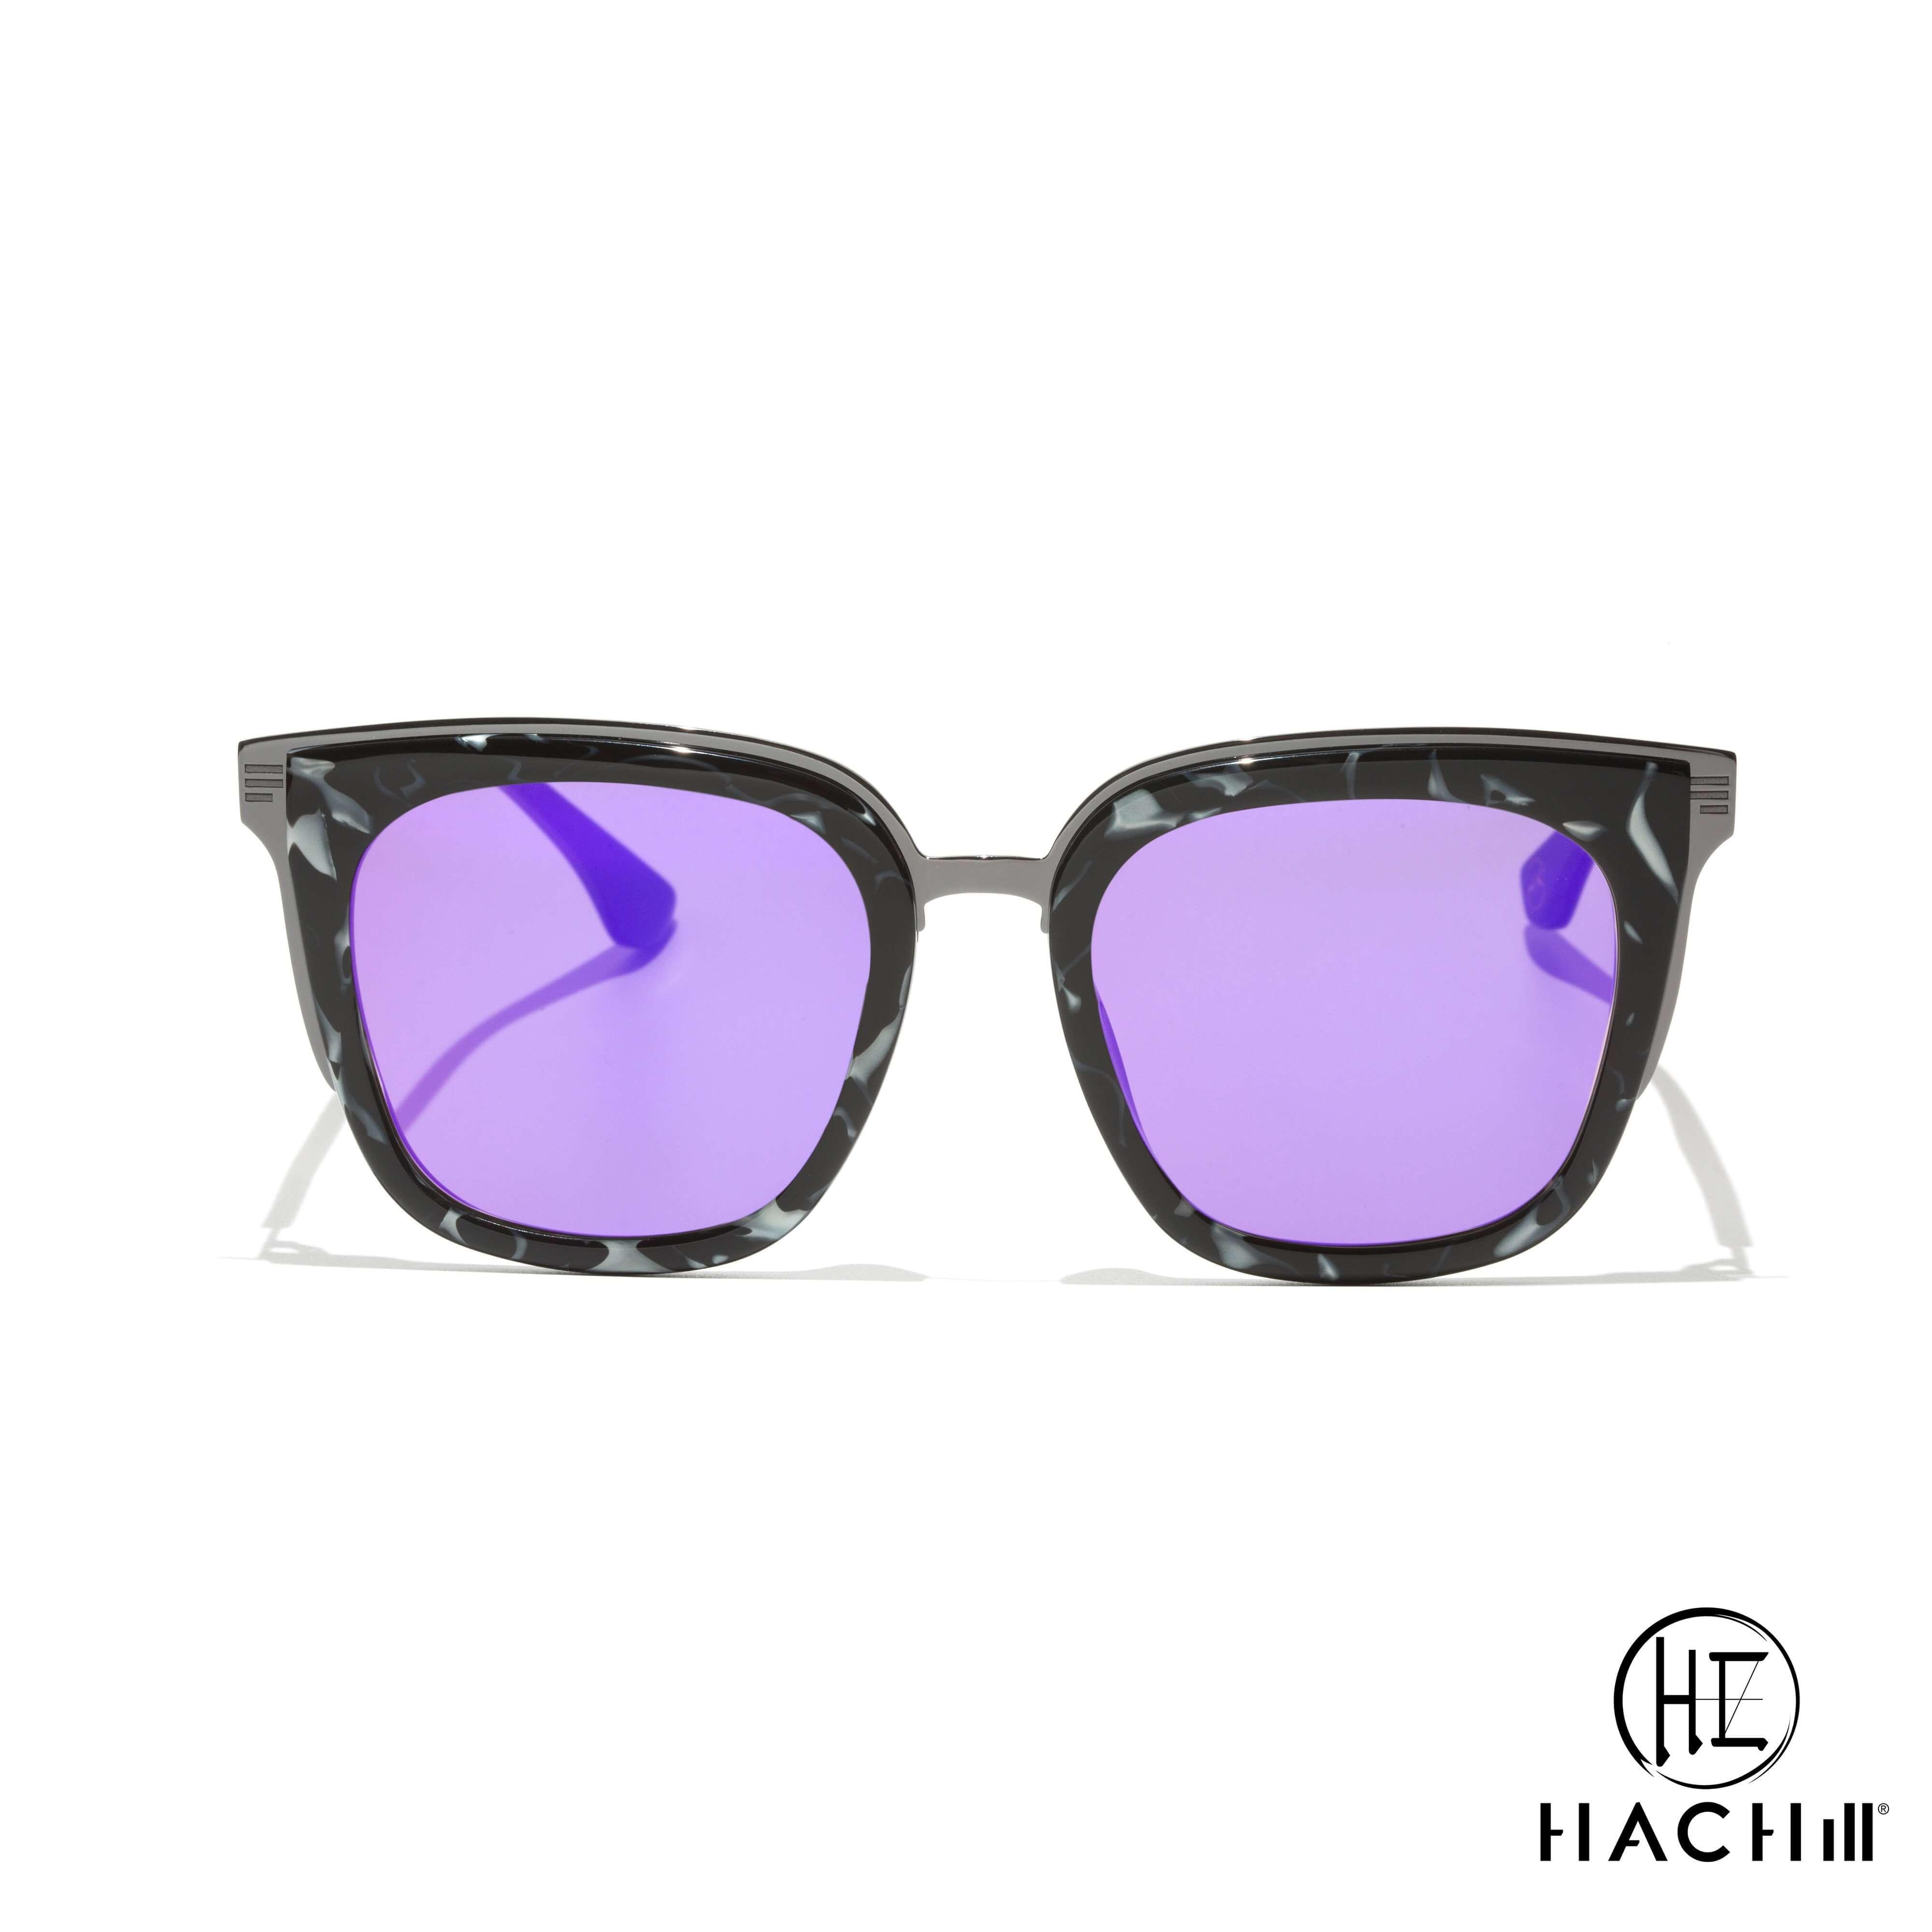 Hachill 太阳眼镜 HC8284S-C4 淡灰色